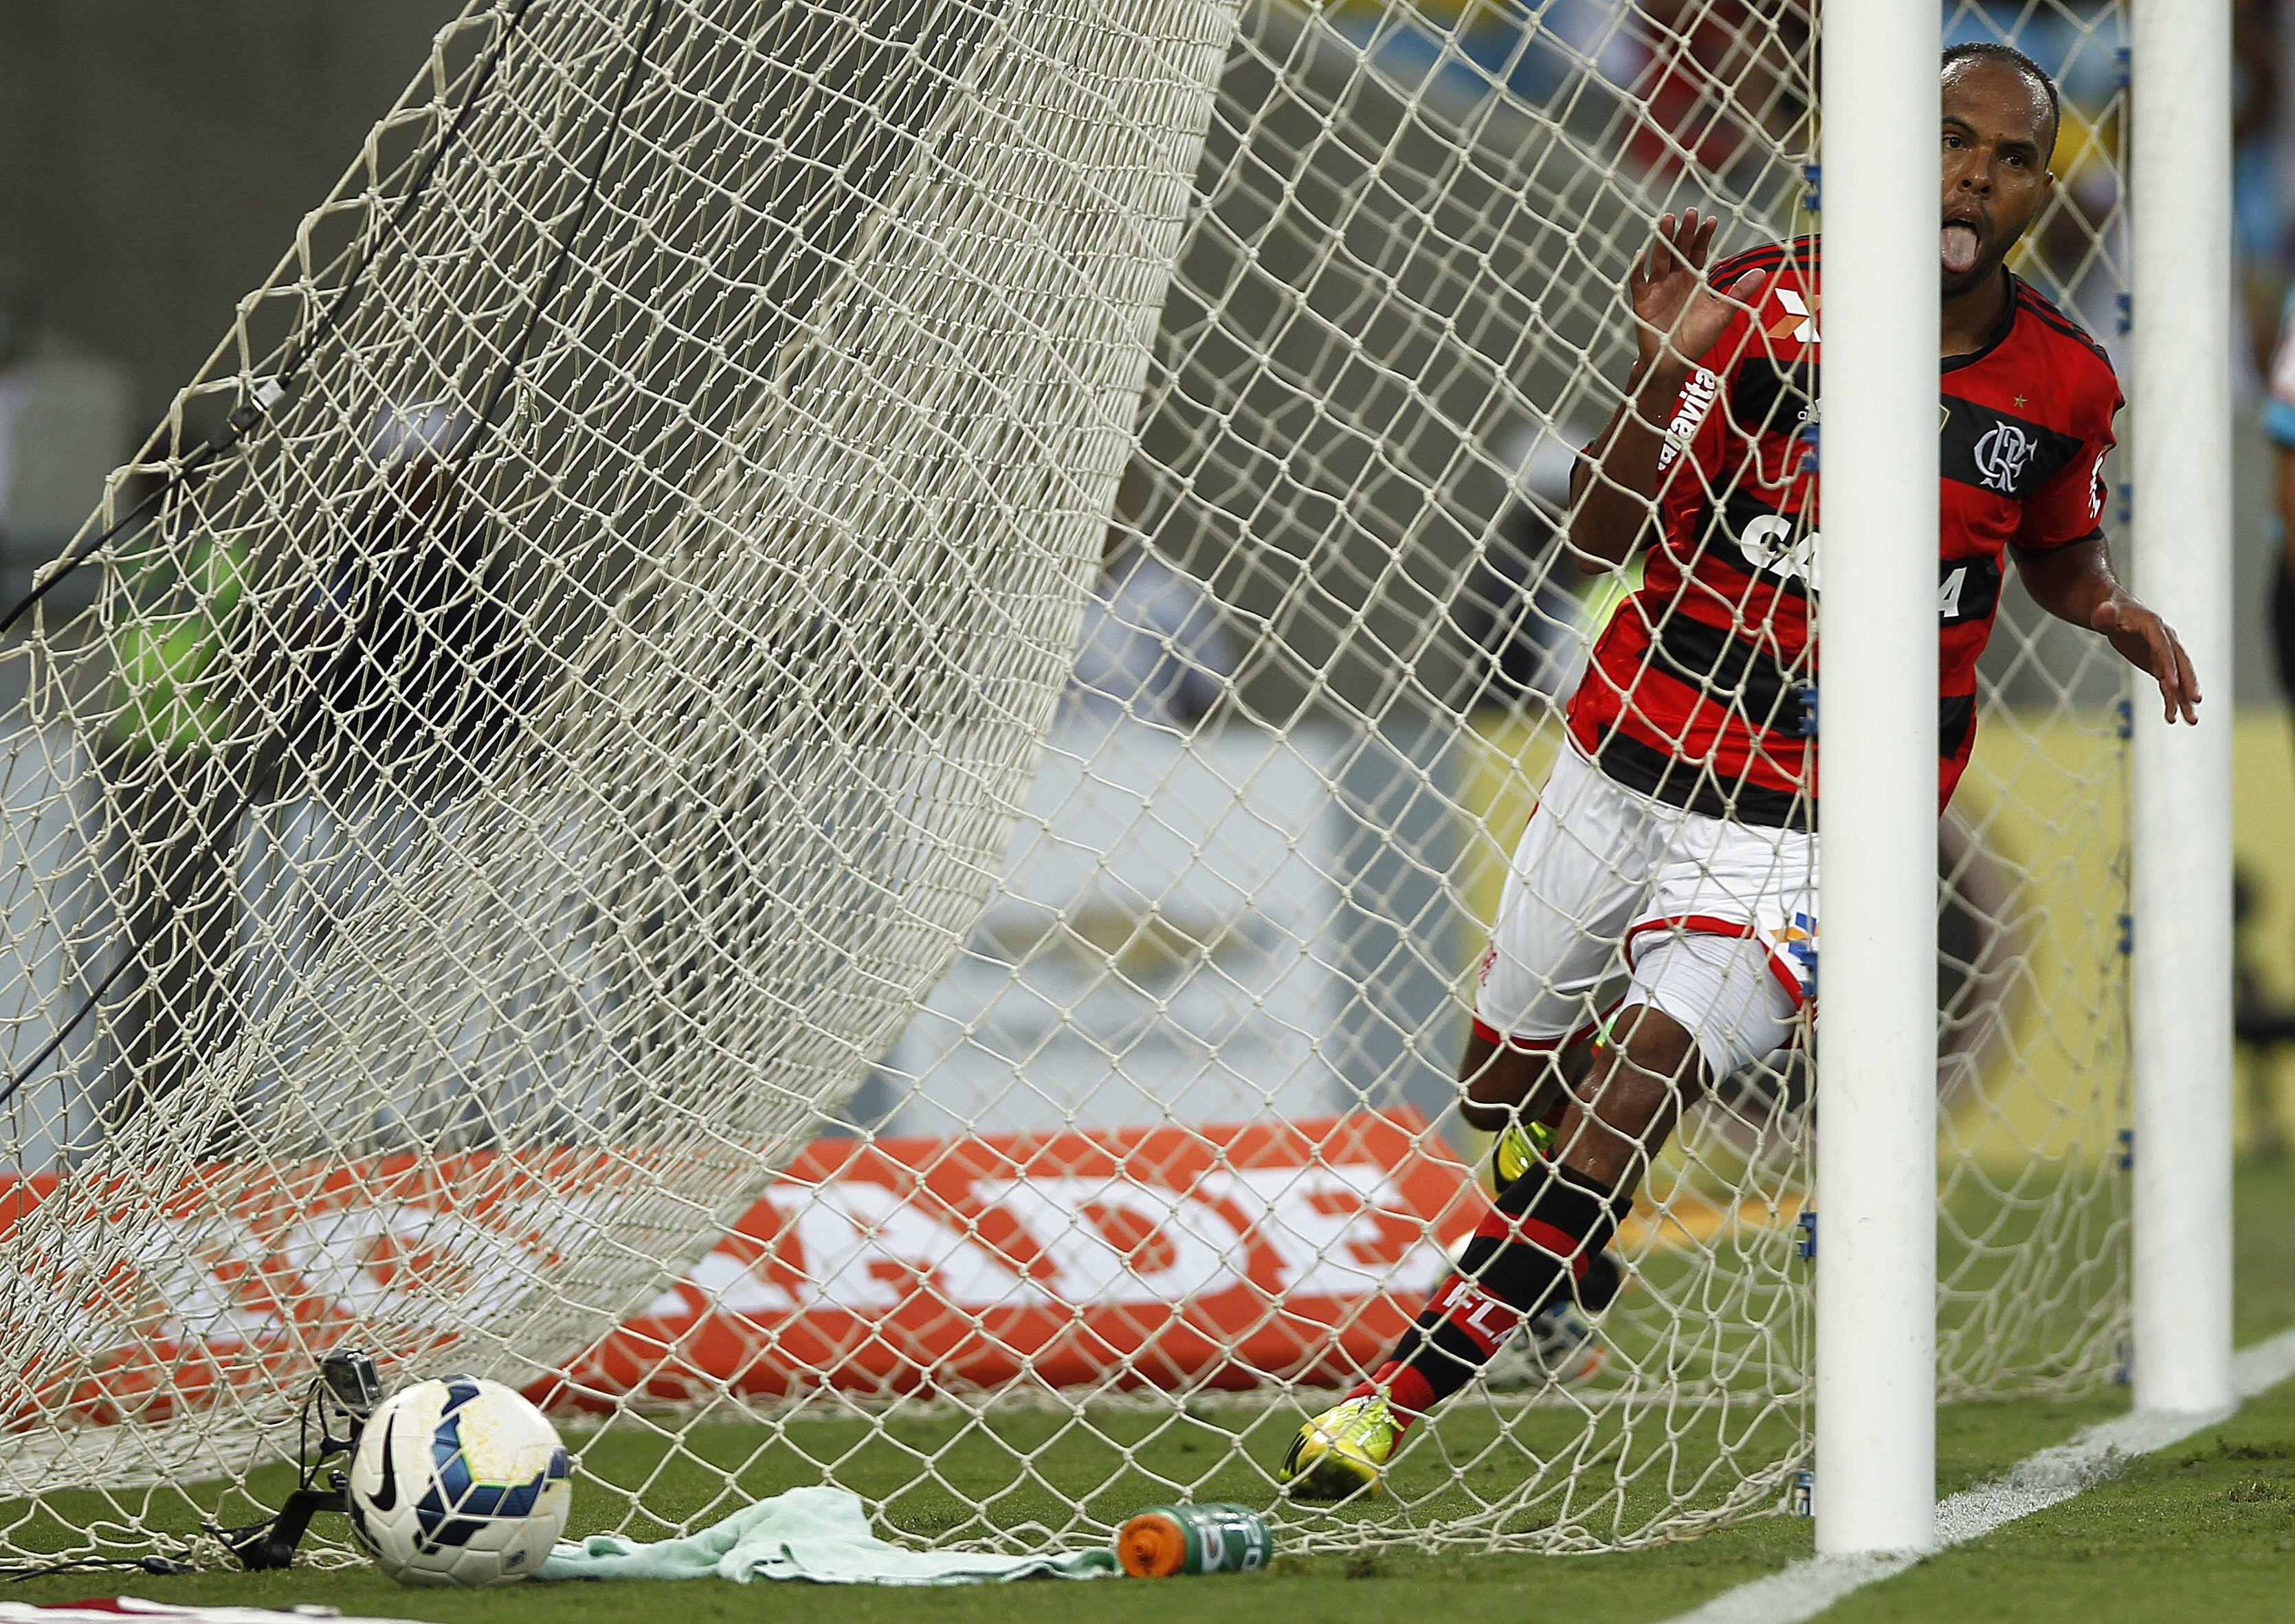 Con el resultado, el Flamengo, comandado por Rogério Ceni y actual campeón brasileño, volvió con fuerza a la pelea por el título de la liga del fútbol en Brasil. En la imagen el registro de otra de las celebraciones del Flamengo. EFE/Antonio Lacerda/Archivo